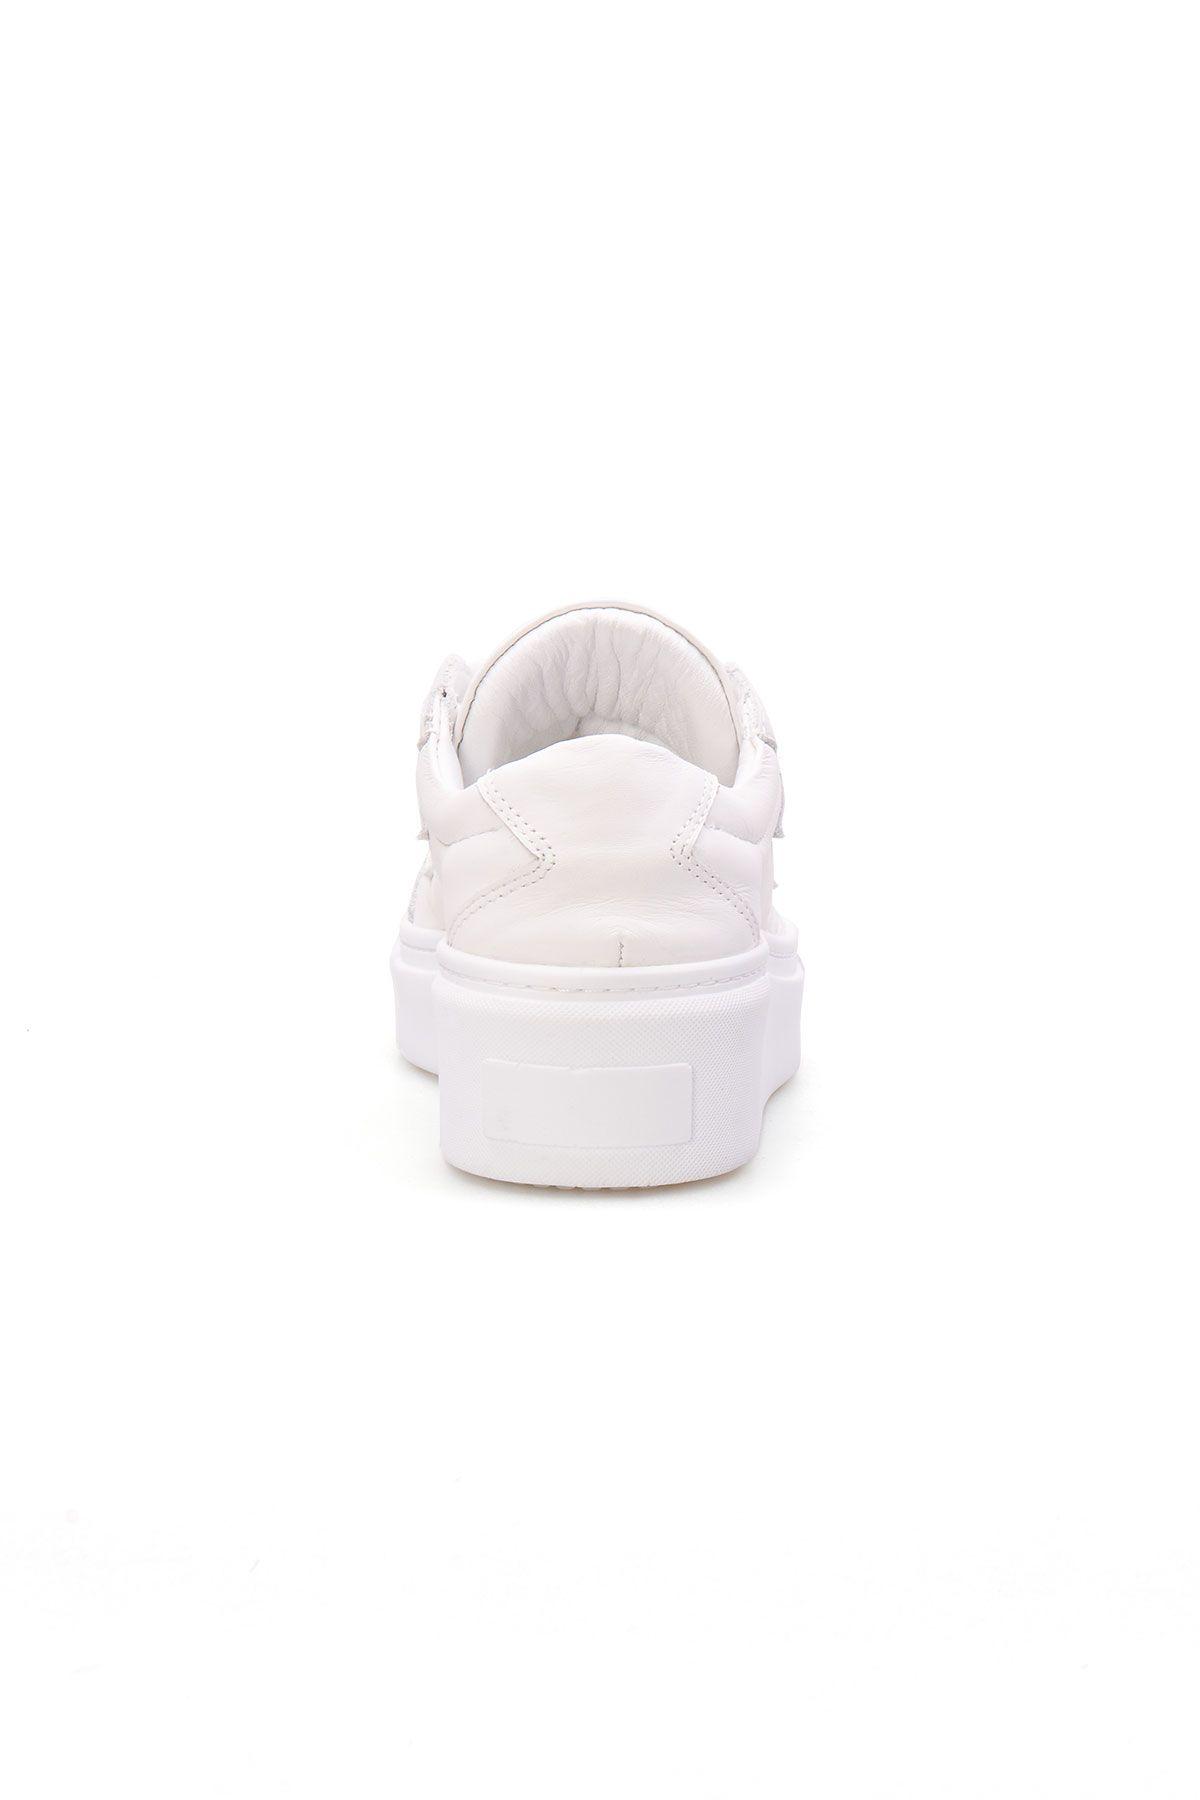 Pegia Genuine Leather Women's Sneaker LA1505 White